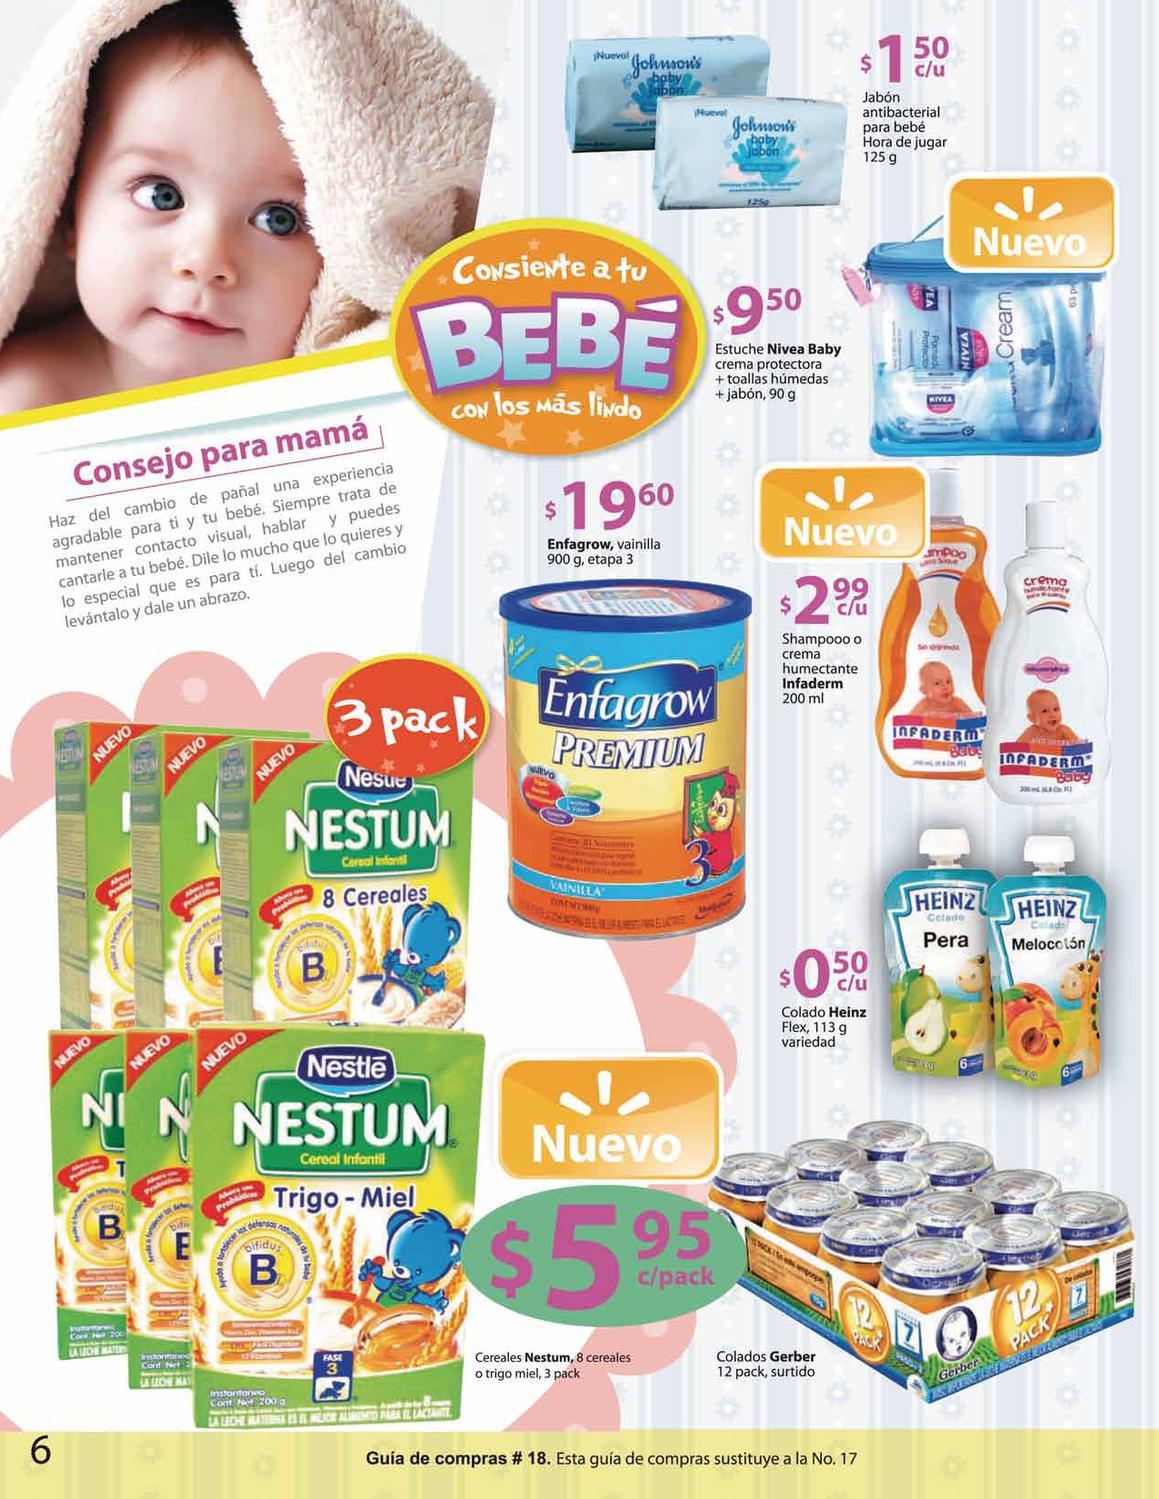 Walmart Guia de compras 18 - pag6